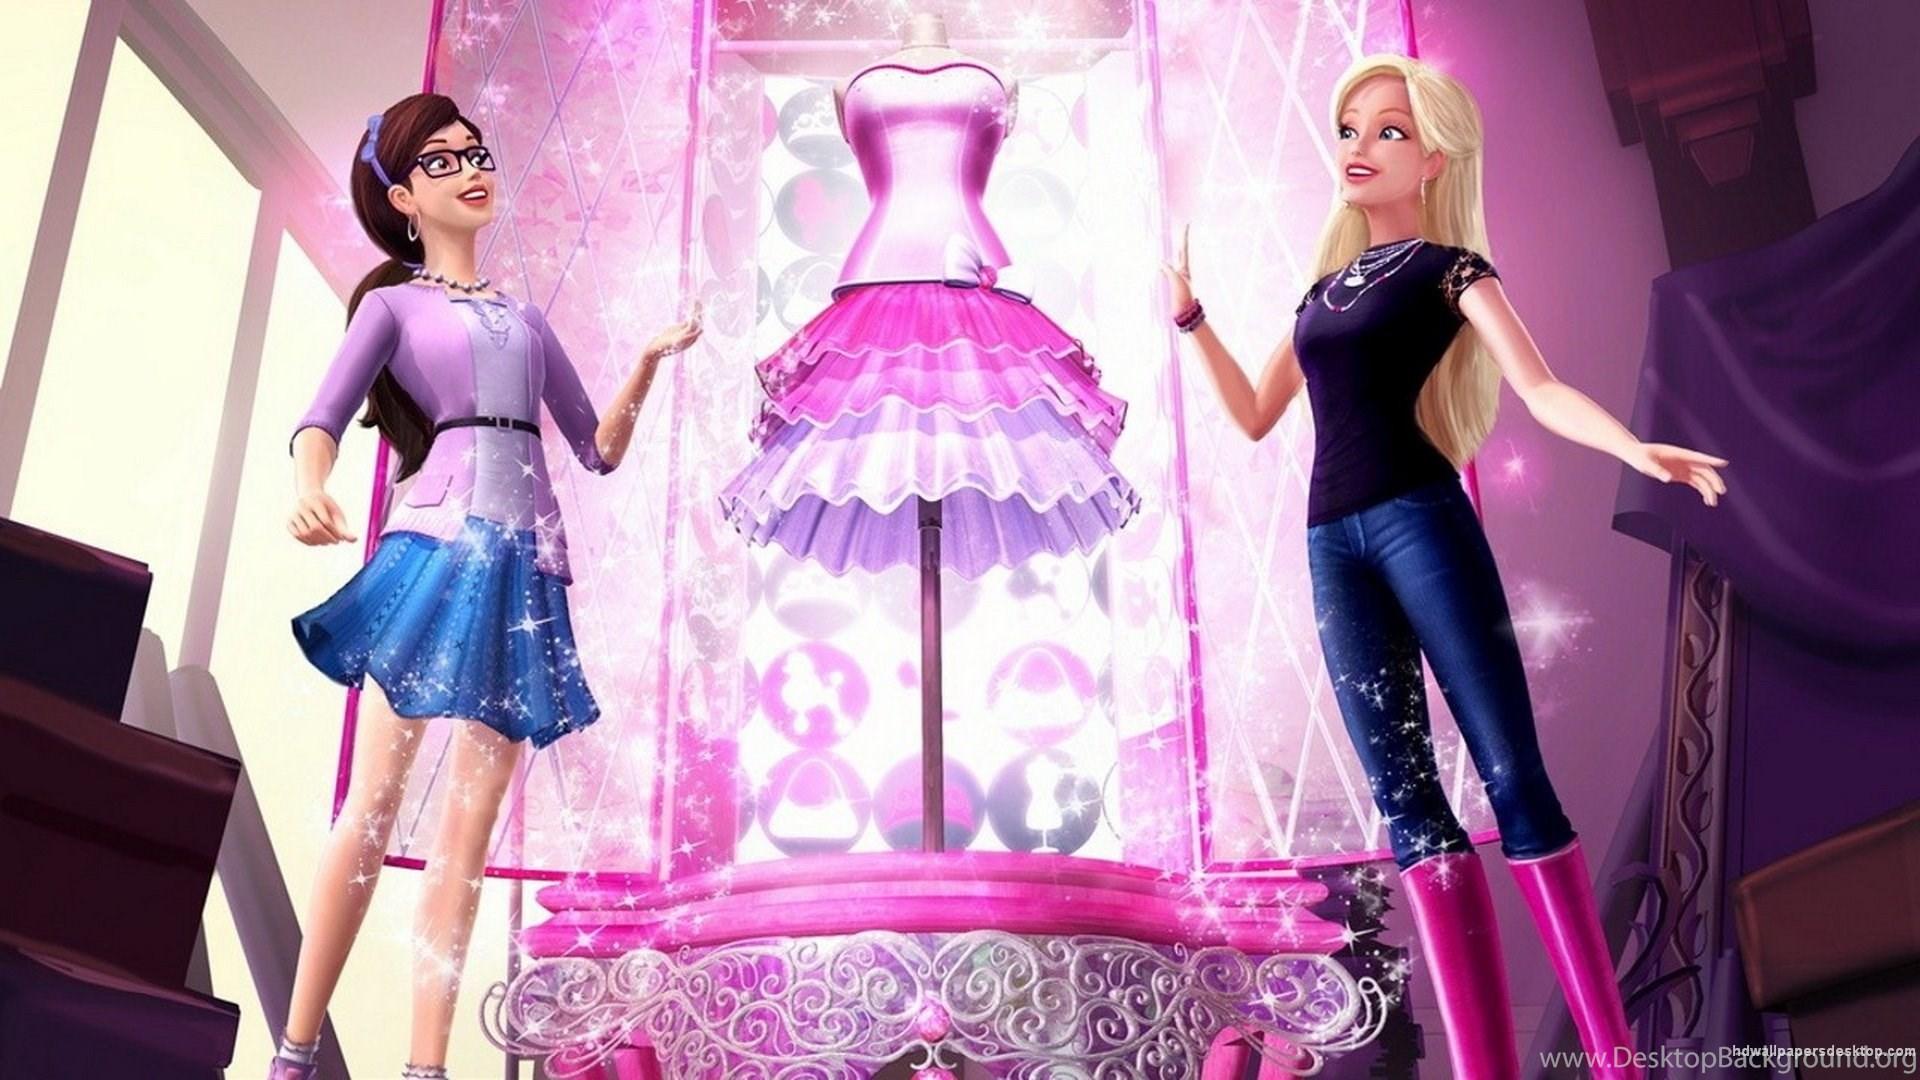 Barbie Desktop Wallpaper Hd Impremedia Net